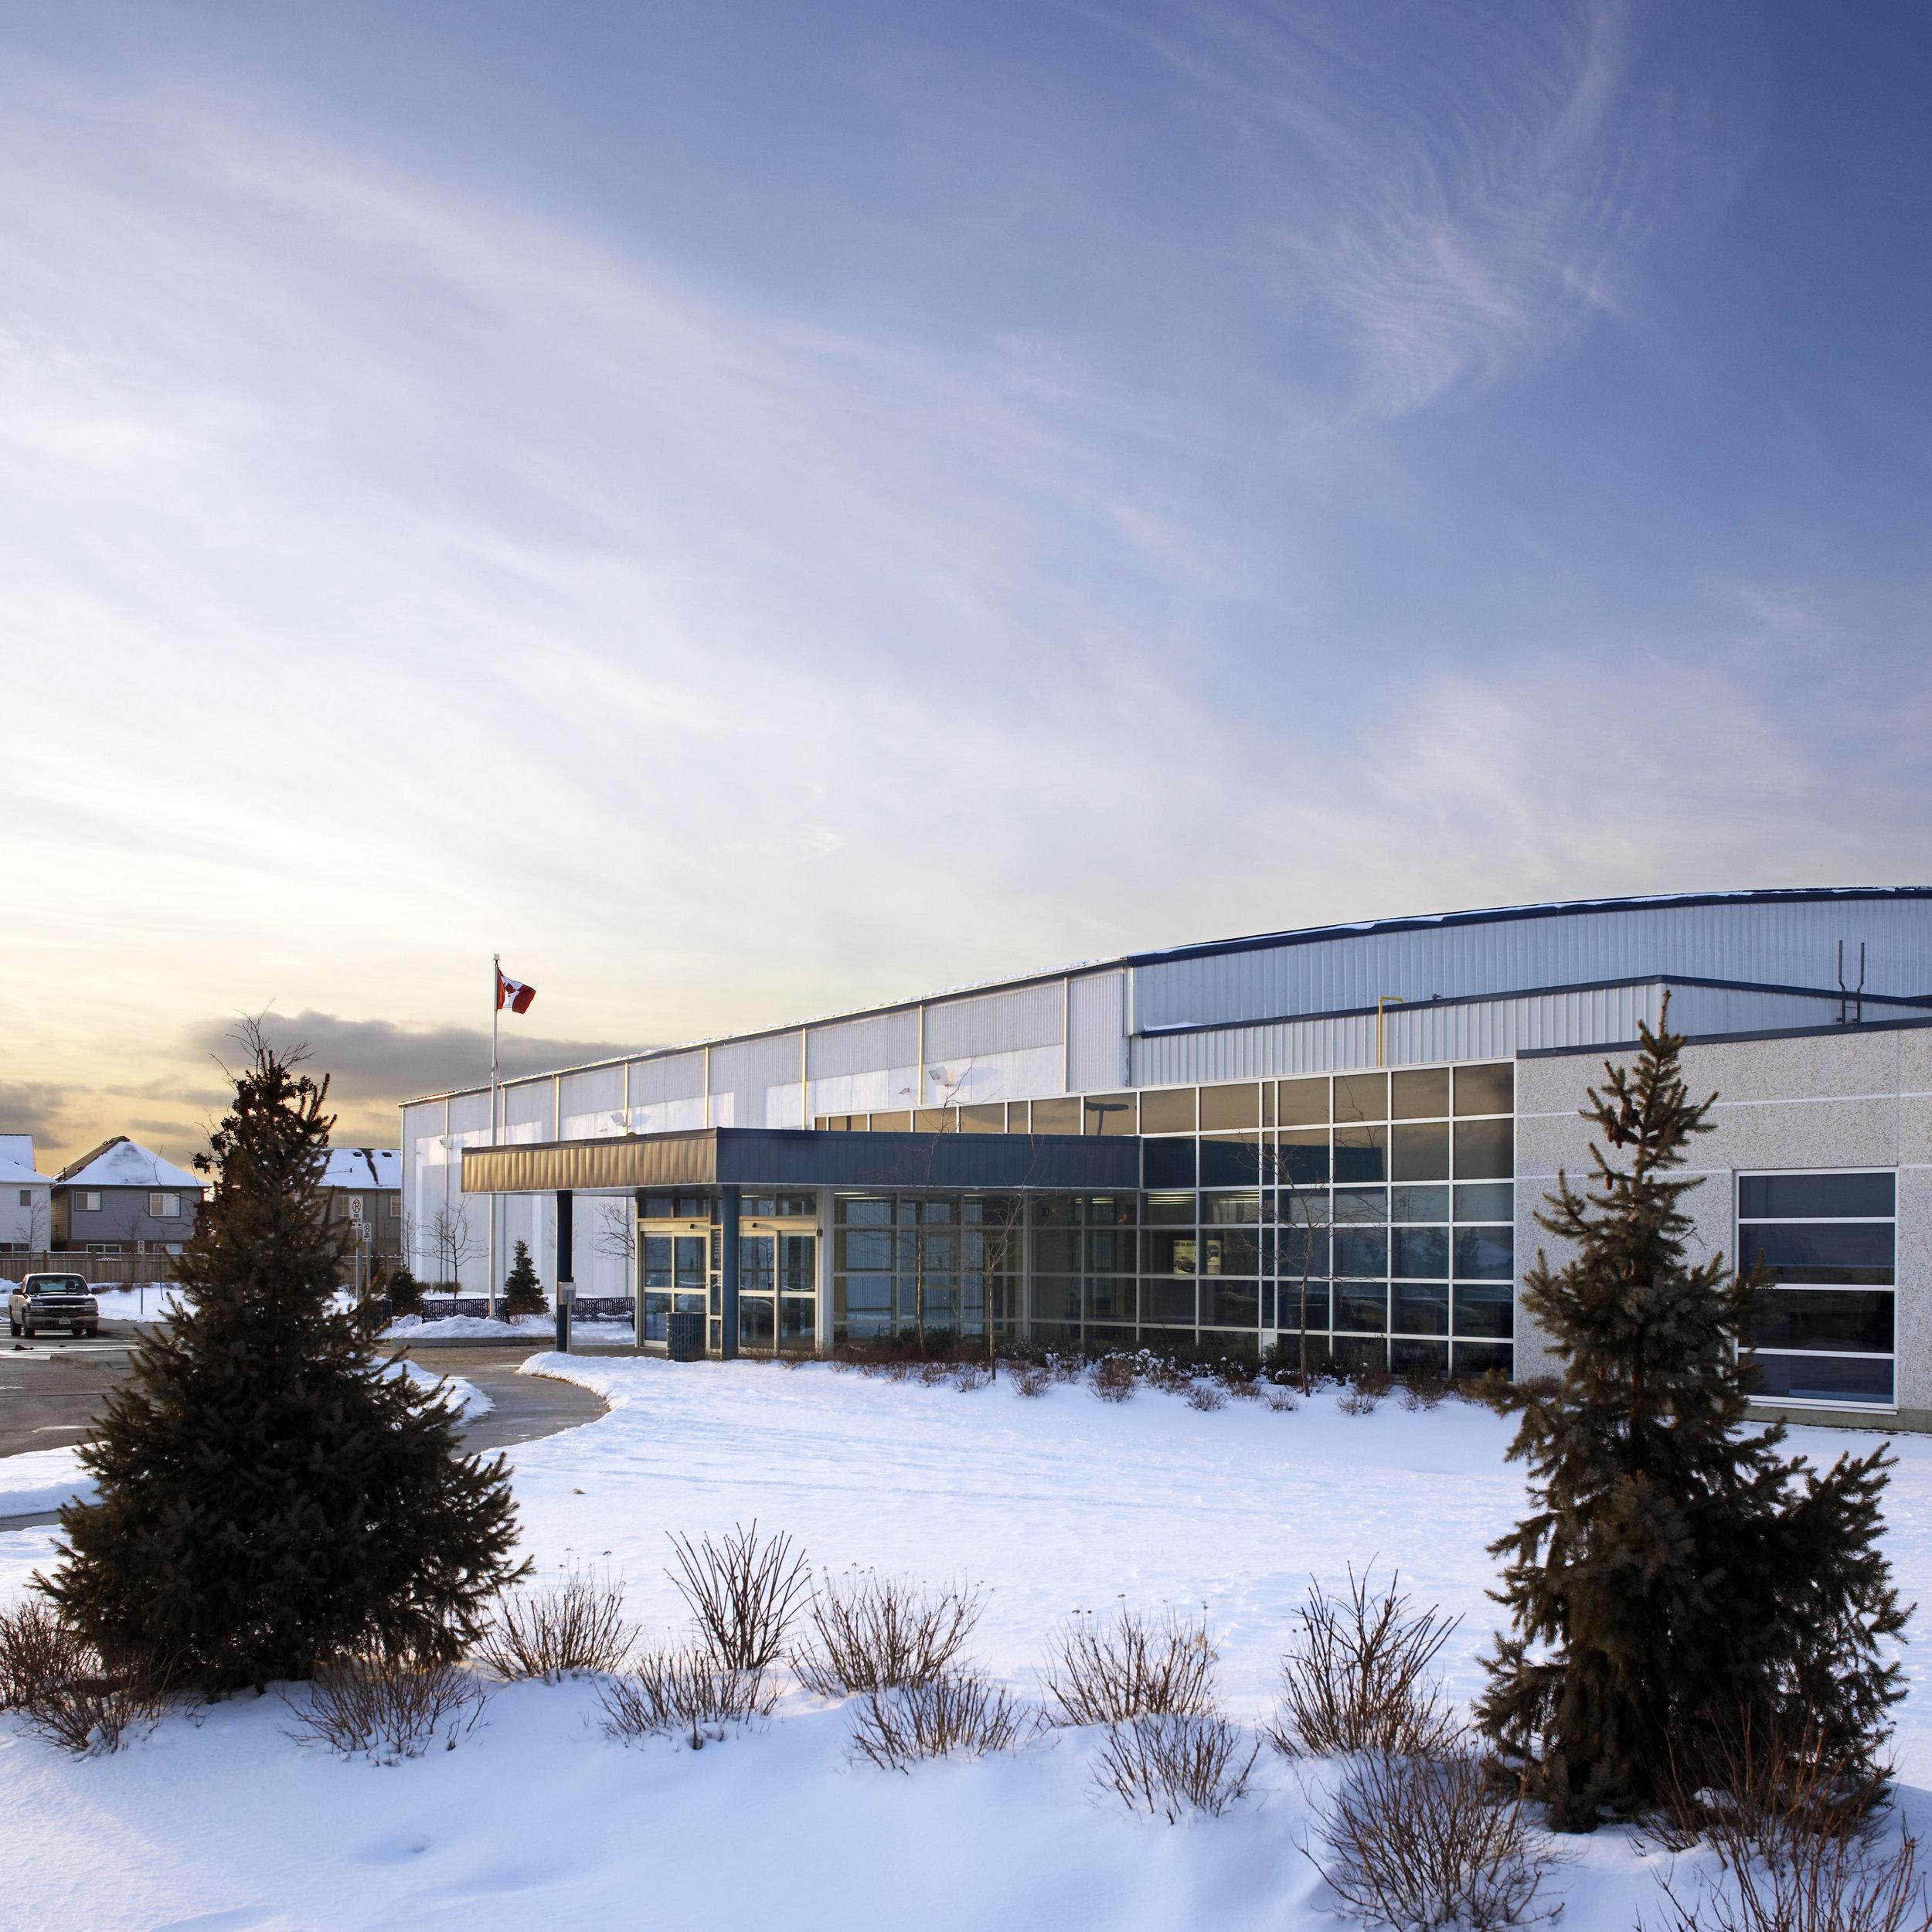 Mckinney Sports Complex